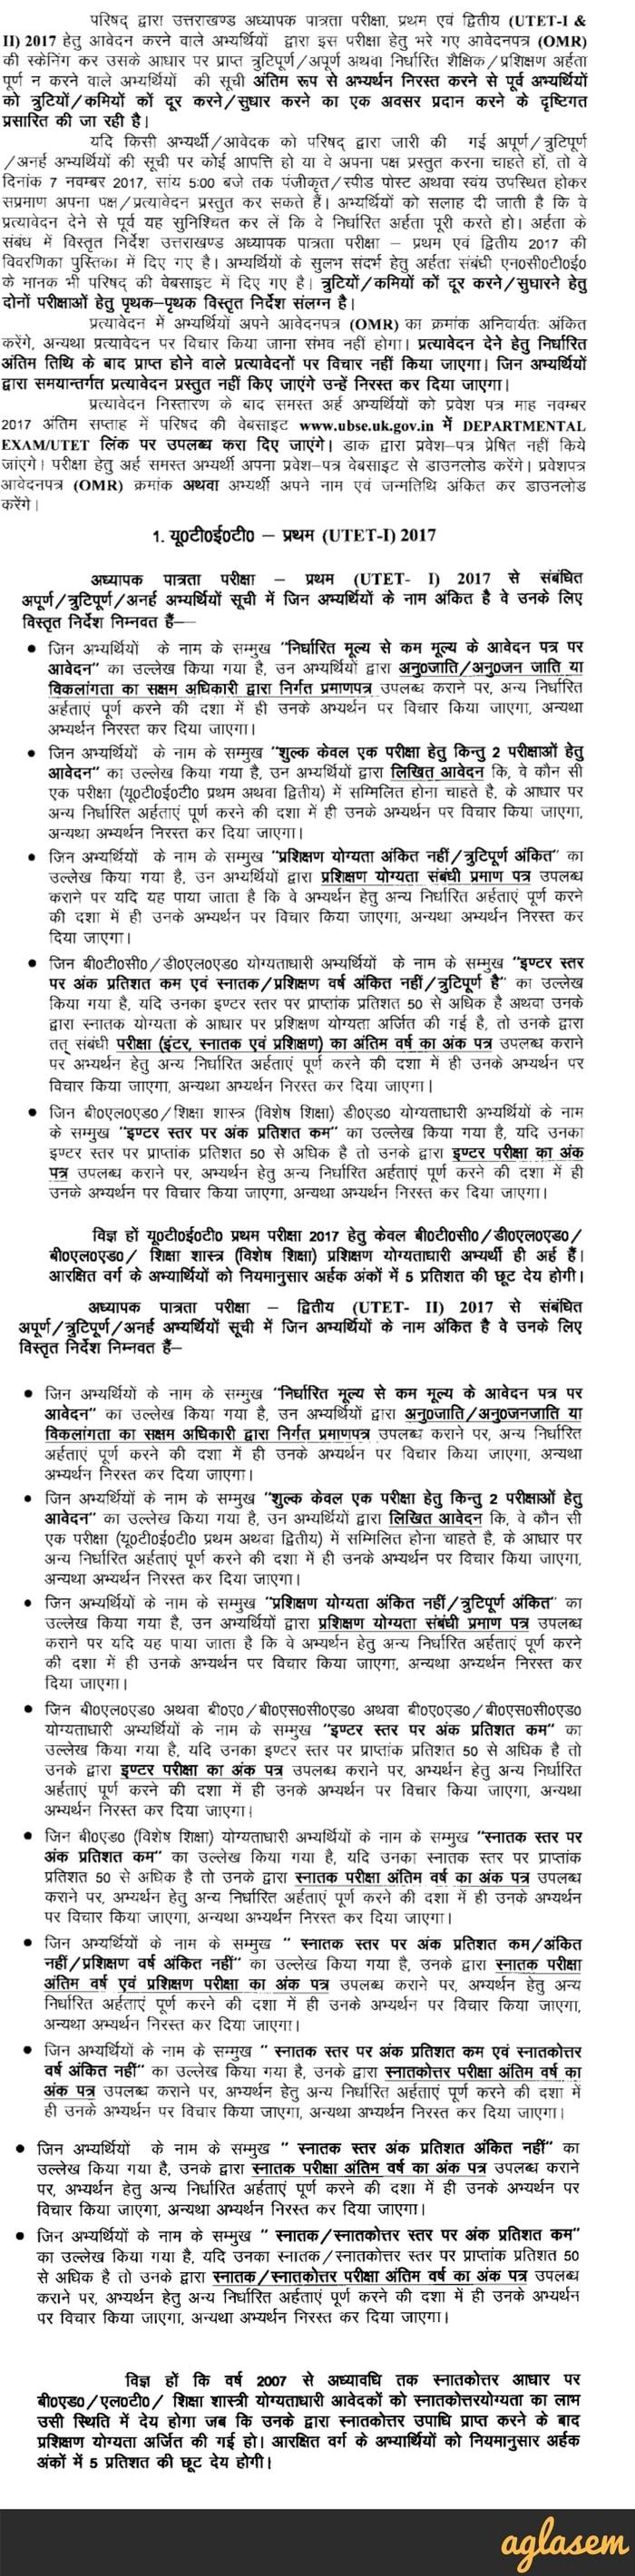 UTET Admit Card 2018   Download Uttarakhand TET 2018 Admit Card Here